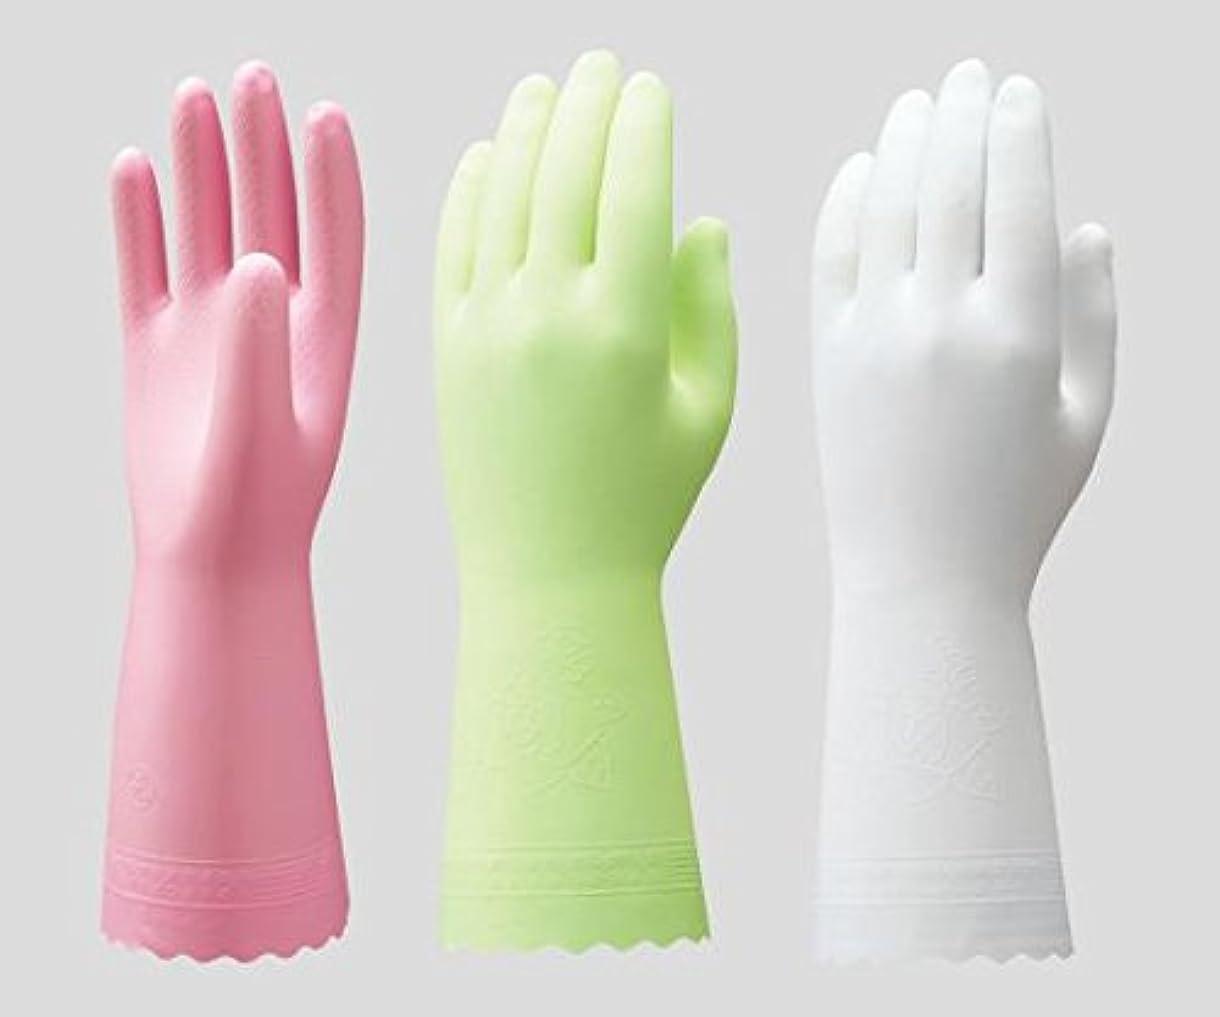 子供達致命的な危機ショーワグローブ2-9143-03ビニトップ手袋薄手裏毛無ピンクM